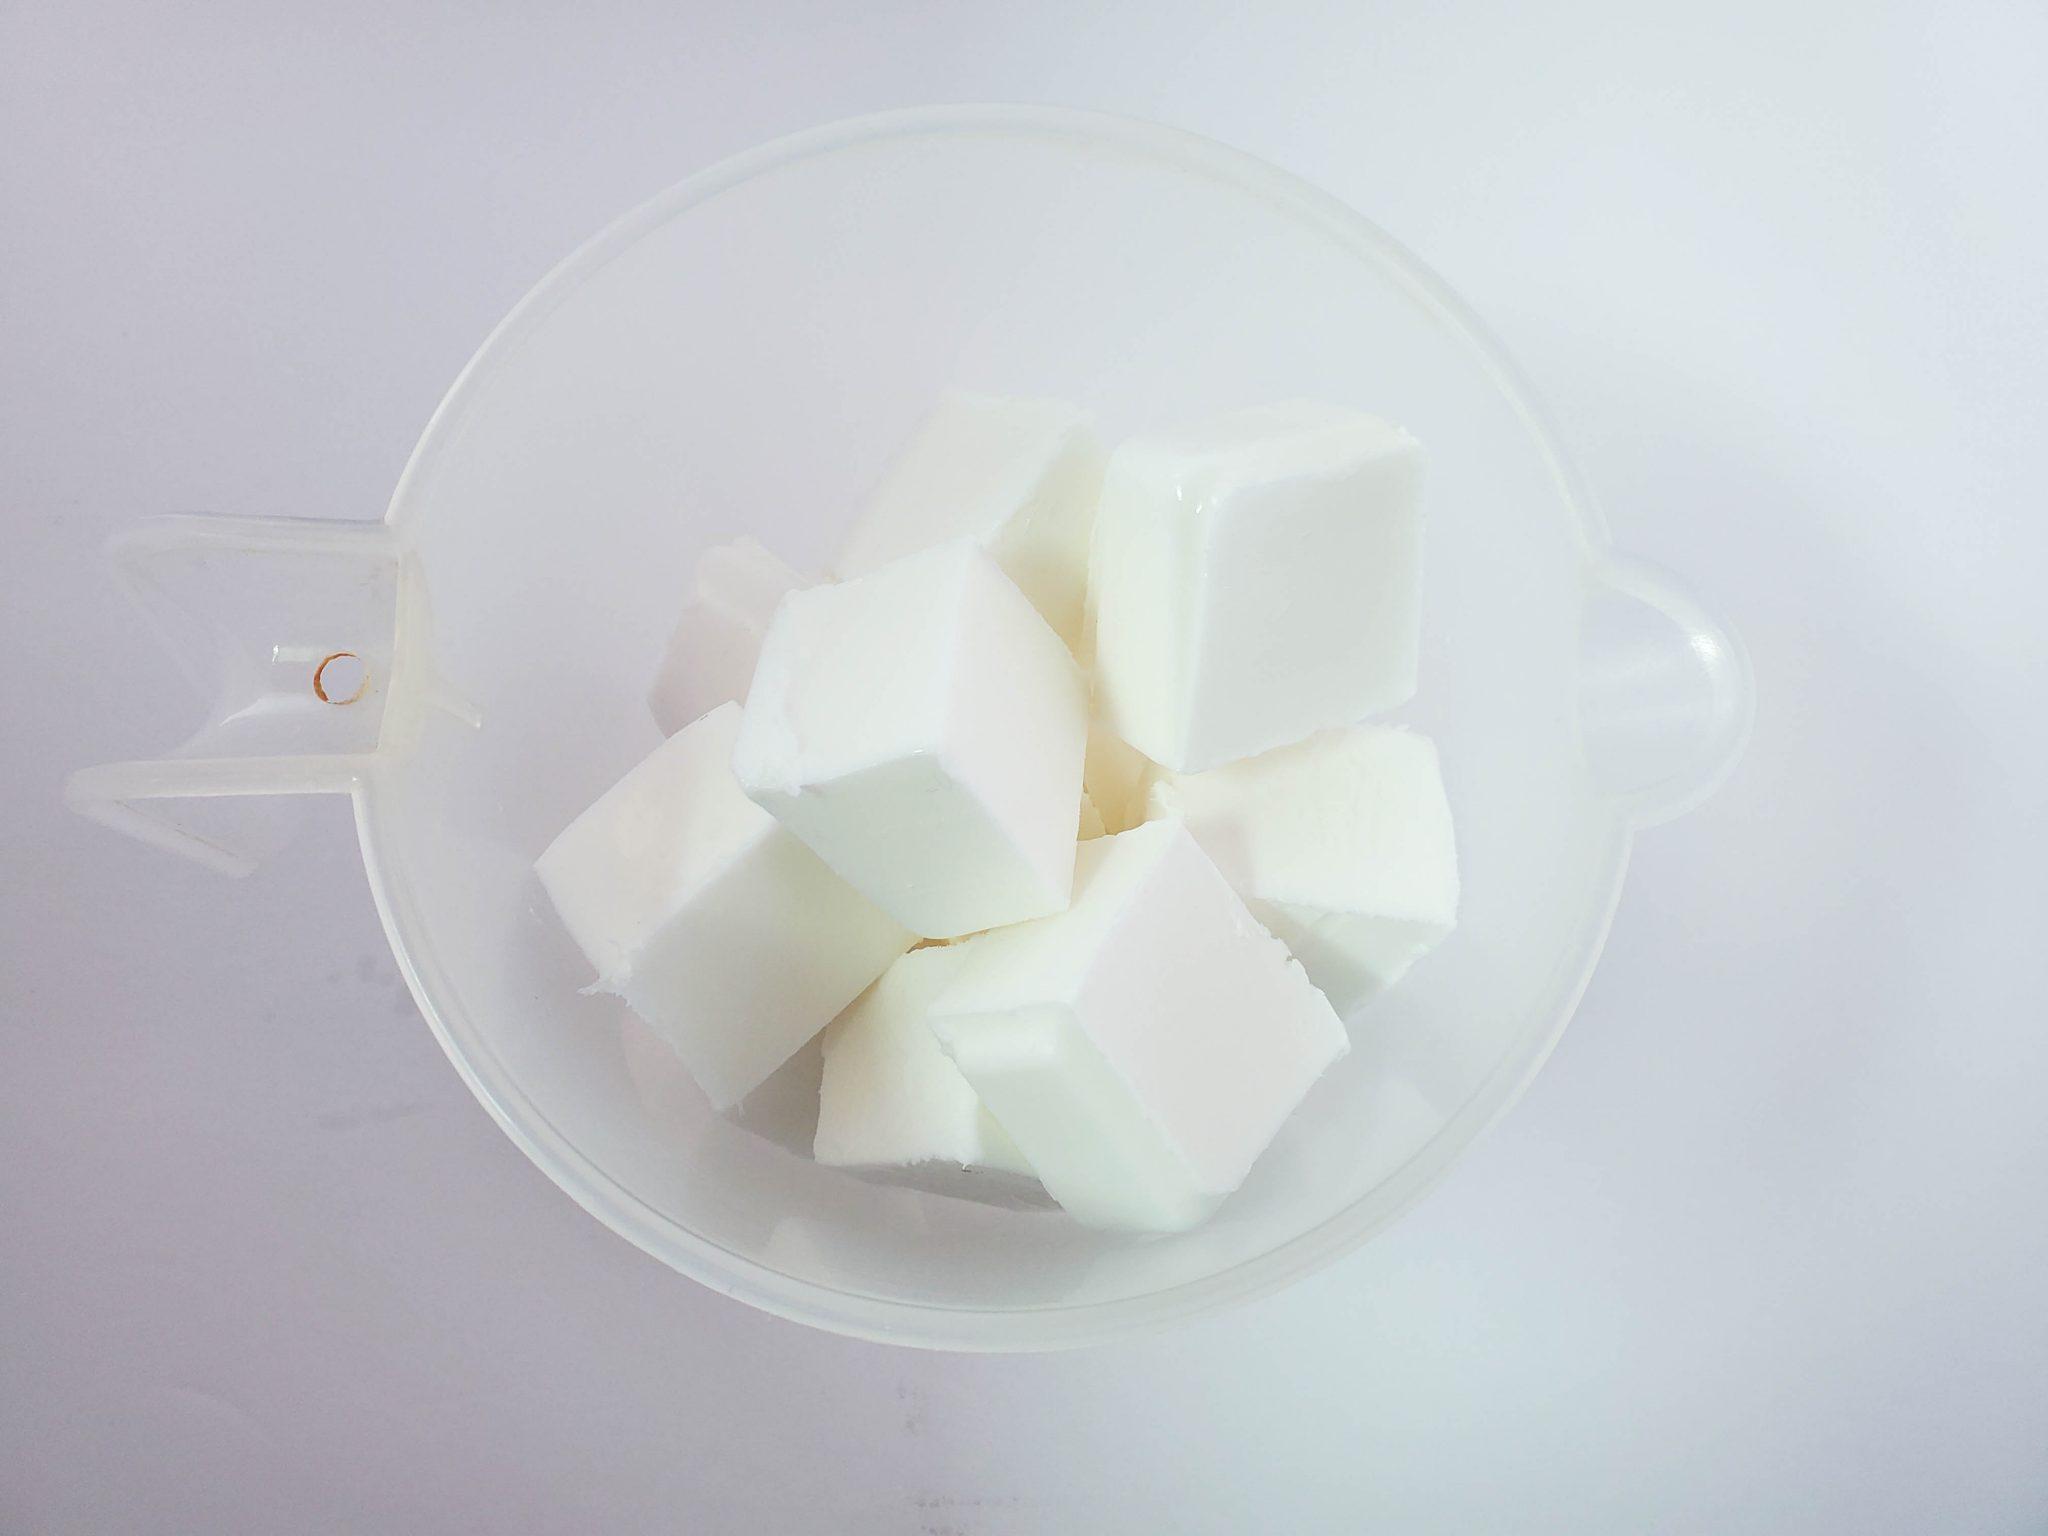 Tutorial to Make Calendula and Lemongrass Soap